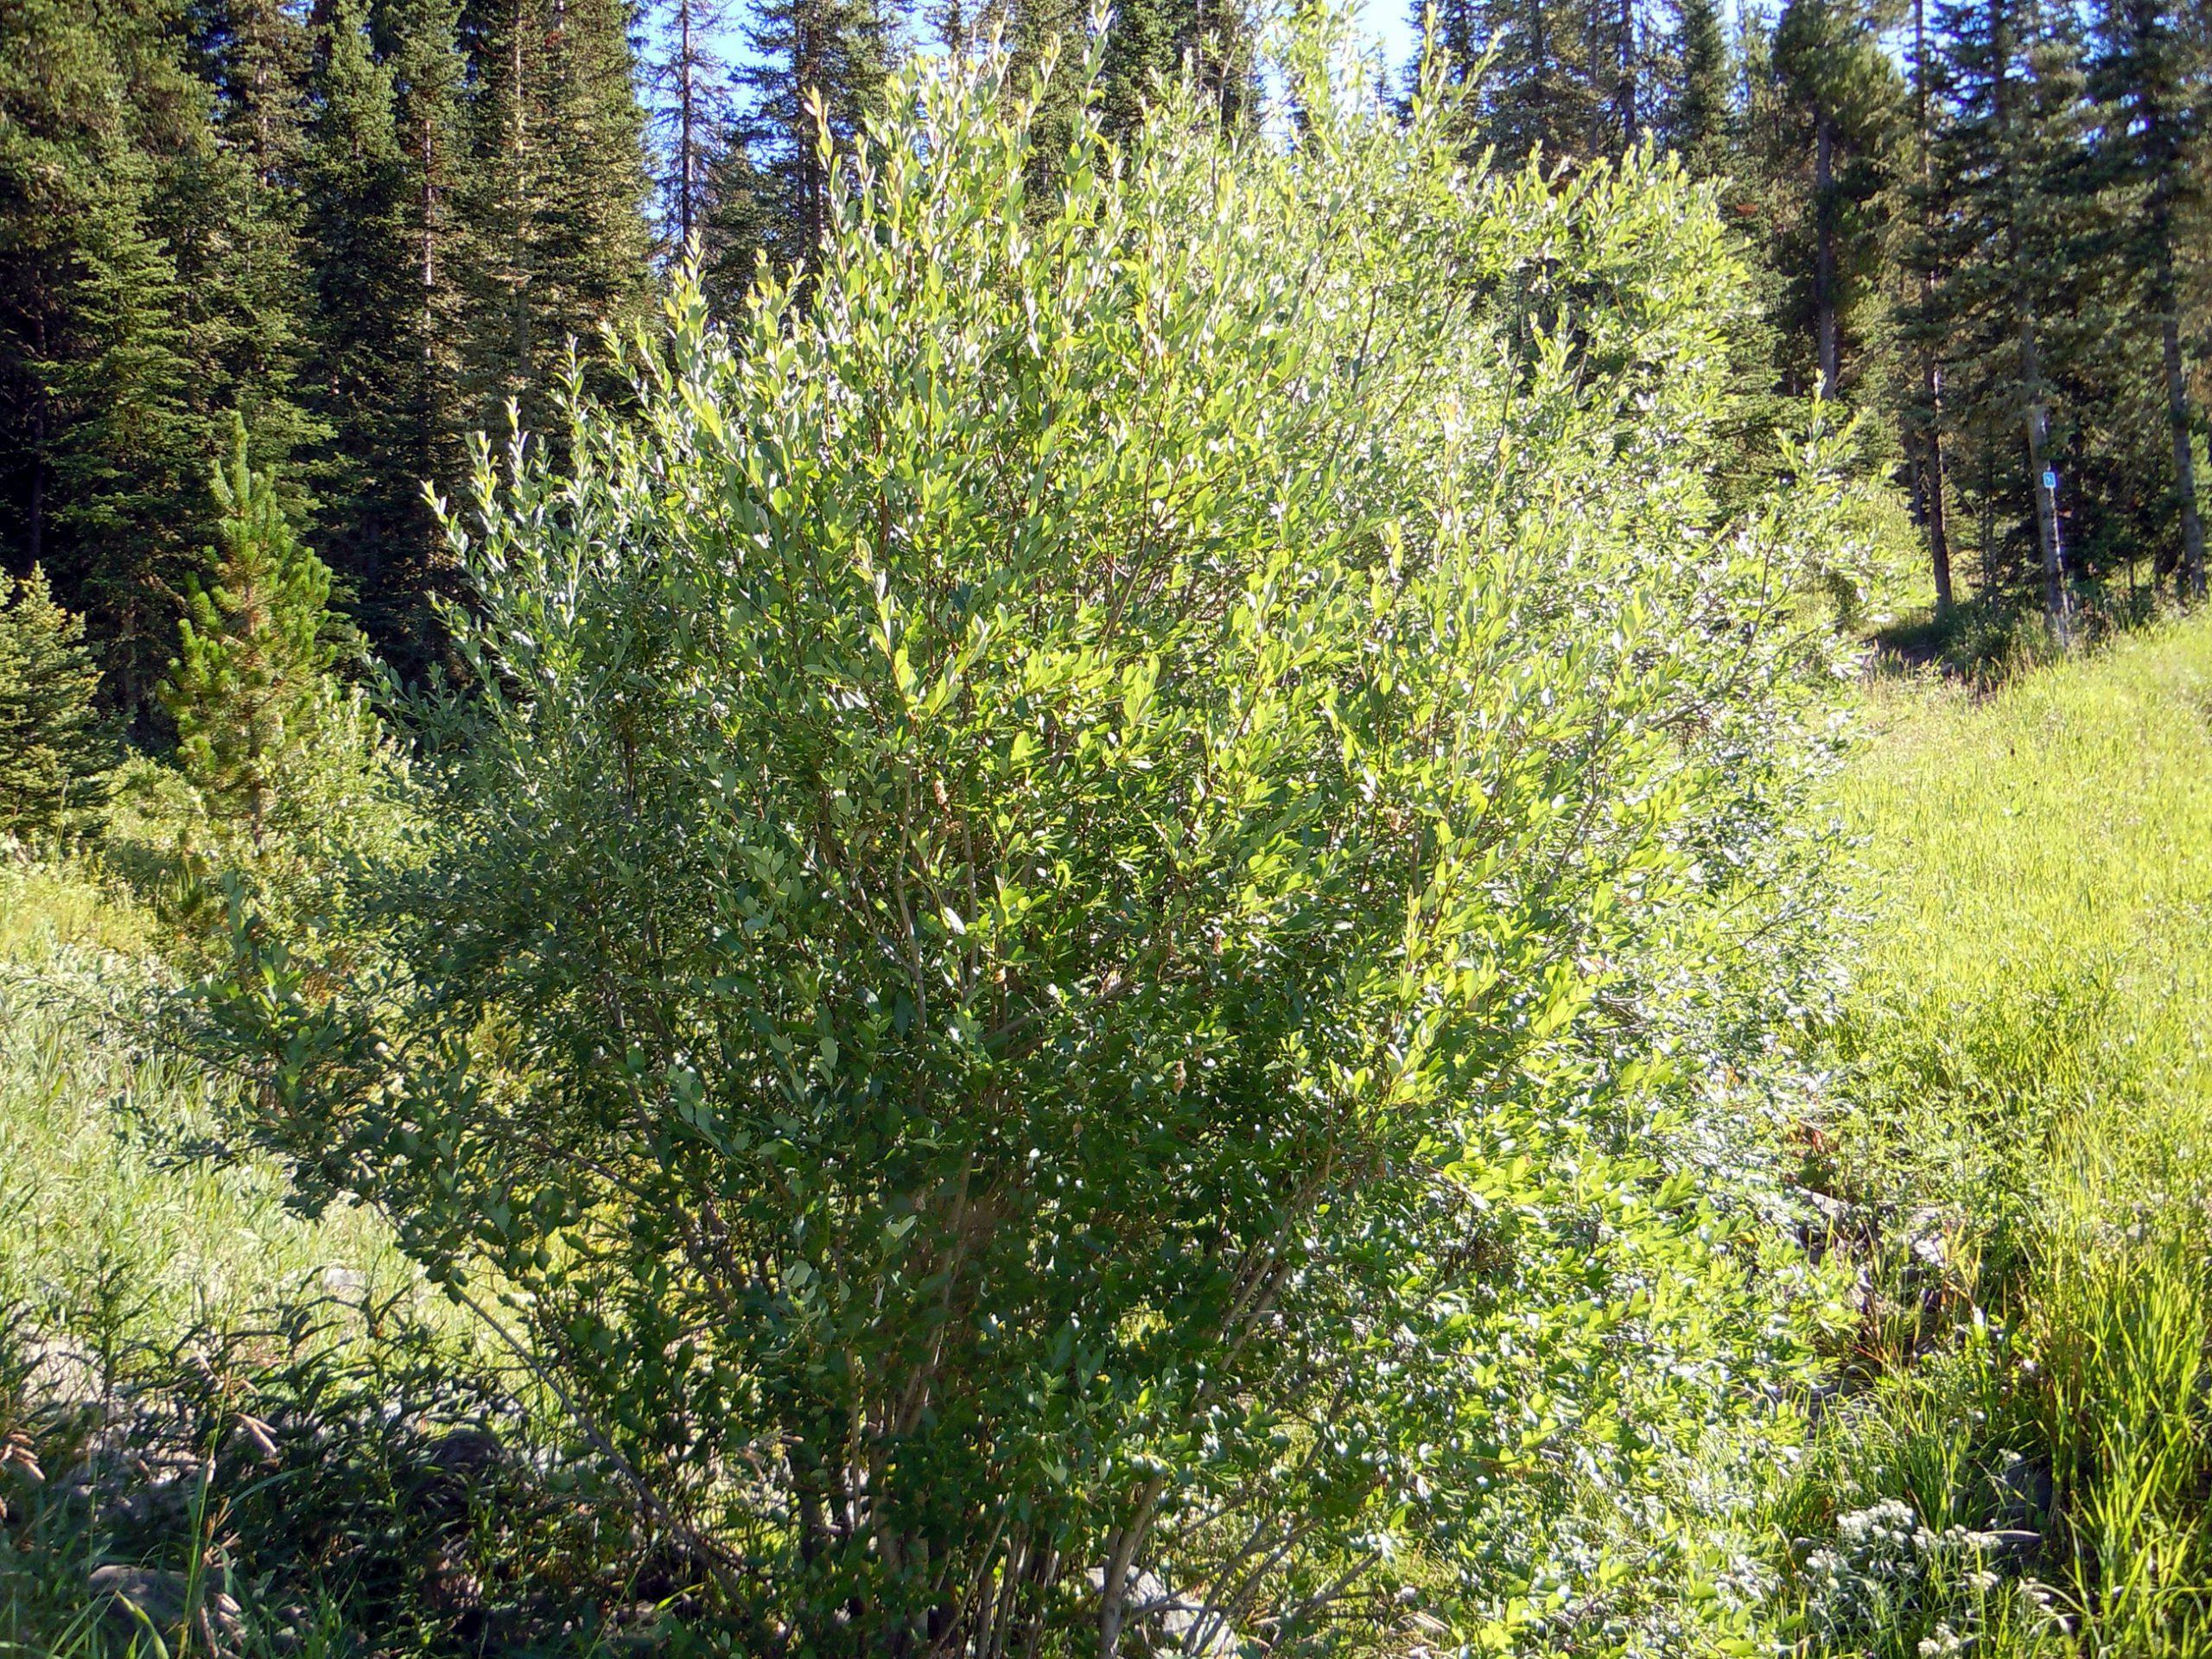 Karklo krūmas (Salix)